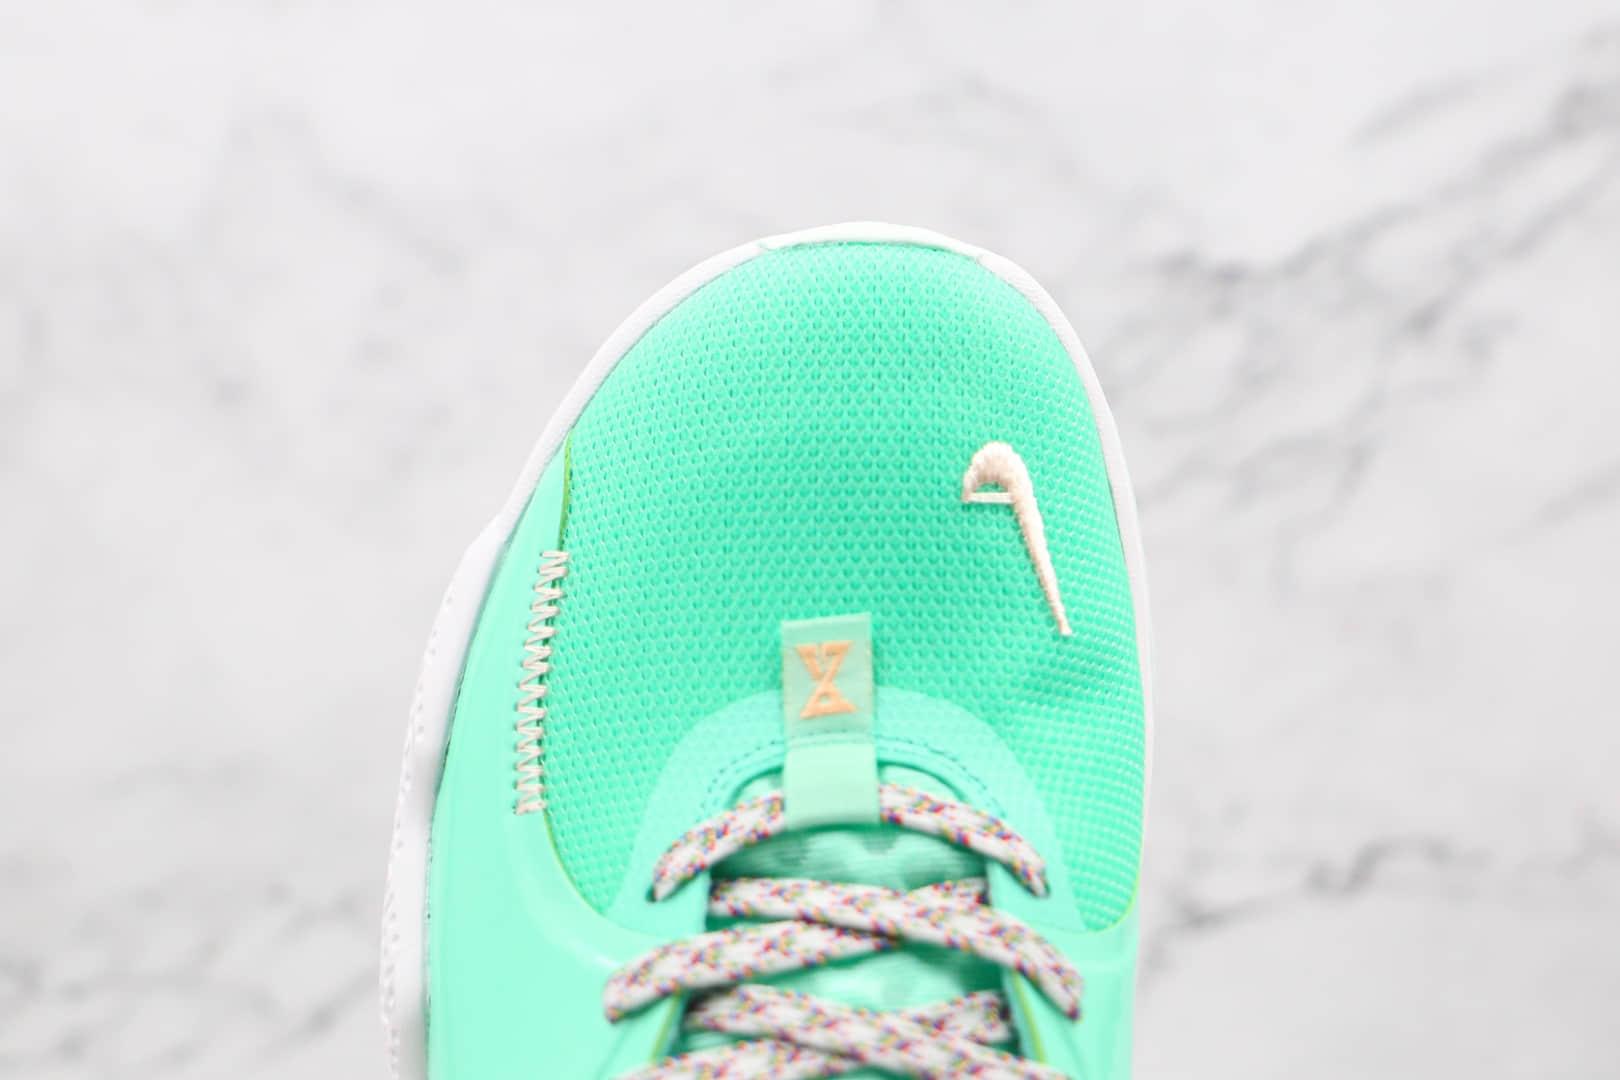 耐克Nike PG5纯原版本保罗乔治五代薄荷绿篮球鞋内置气垫支持实战 货号:CW3143-300